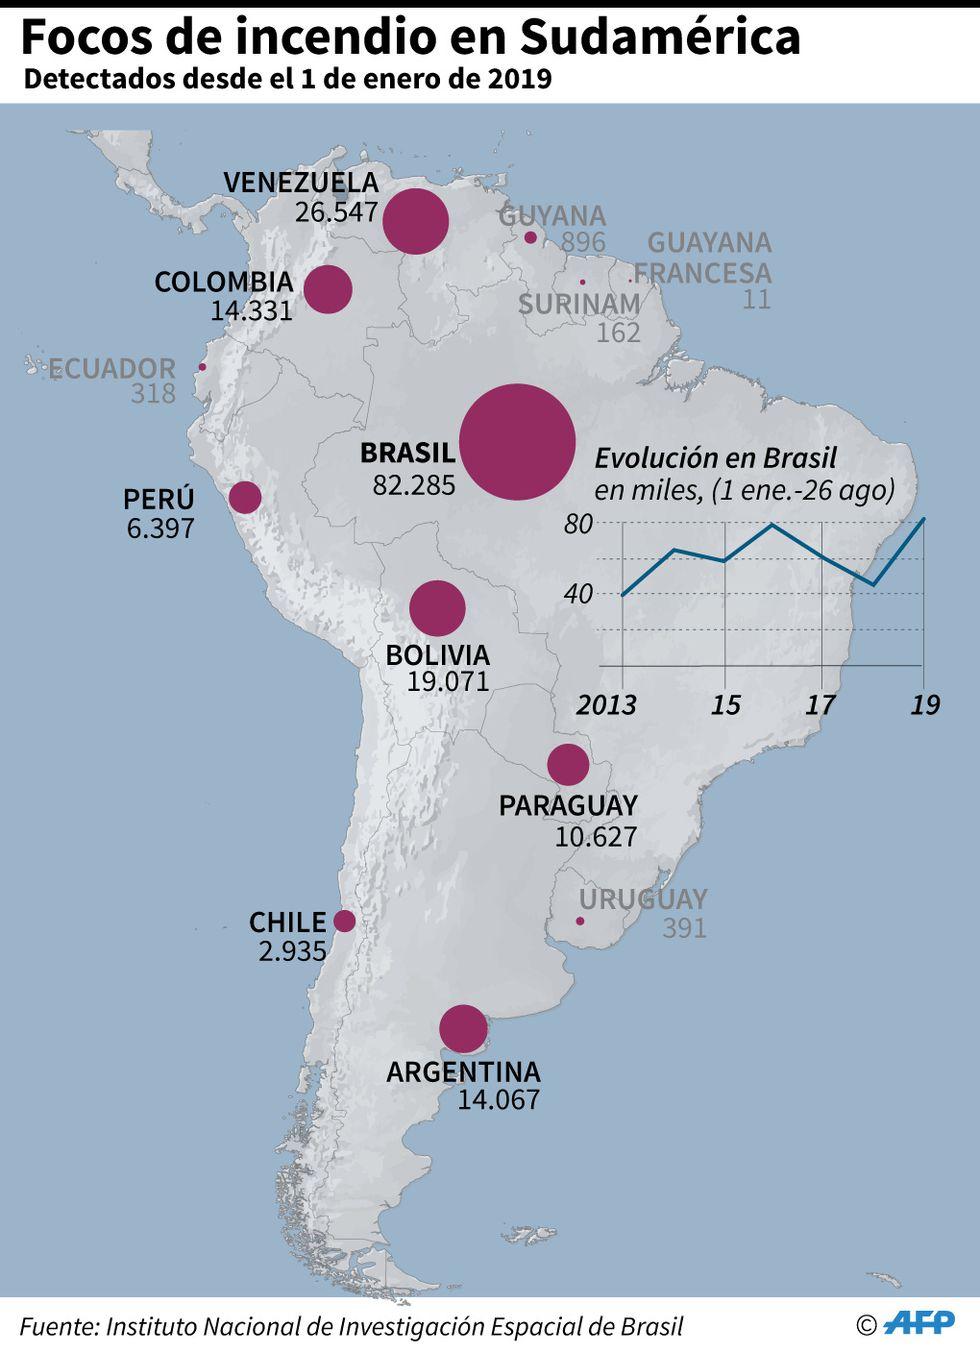 Cantidad de focos de incendio detectados en Sudamérica, por país, desde el 1 de enero de 2019. (AFP)